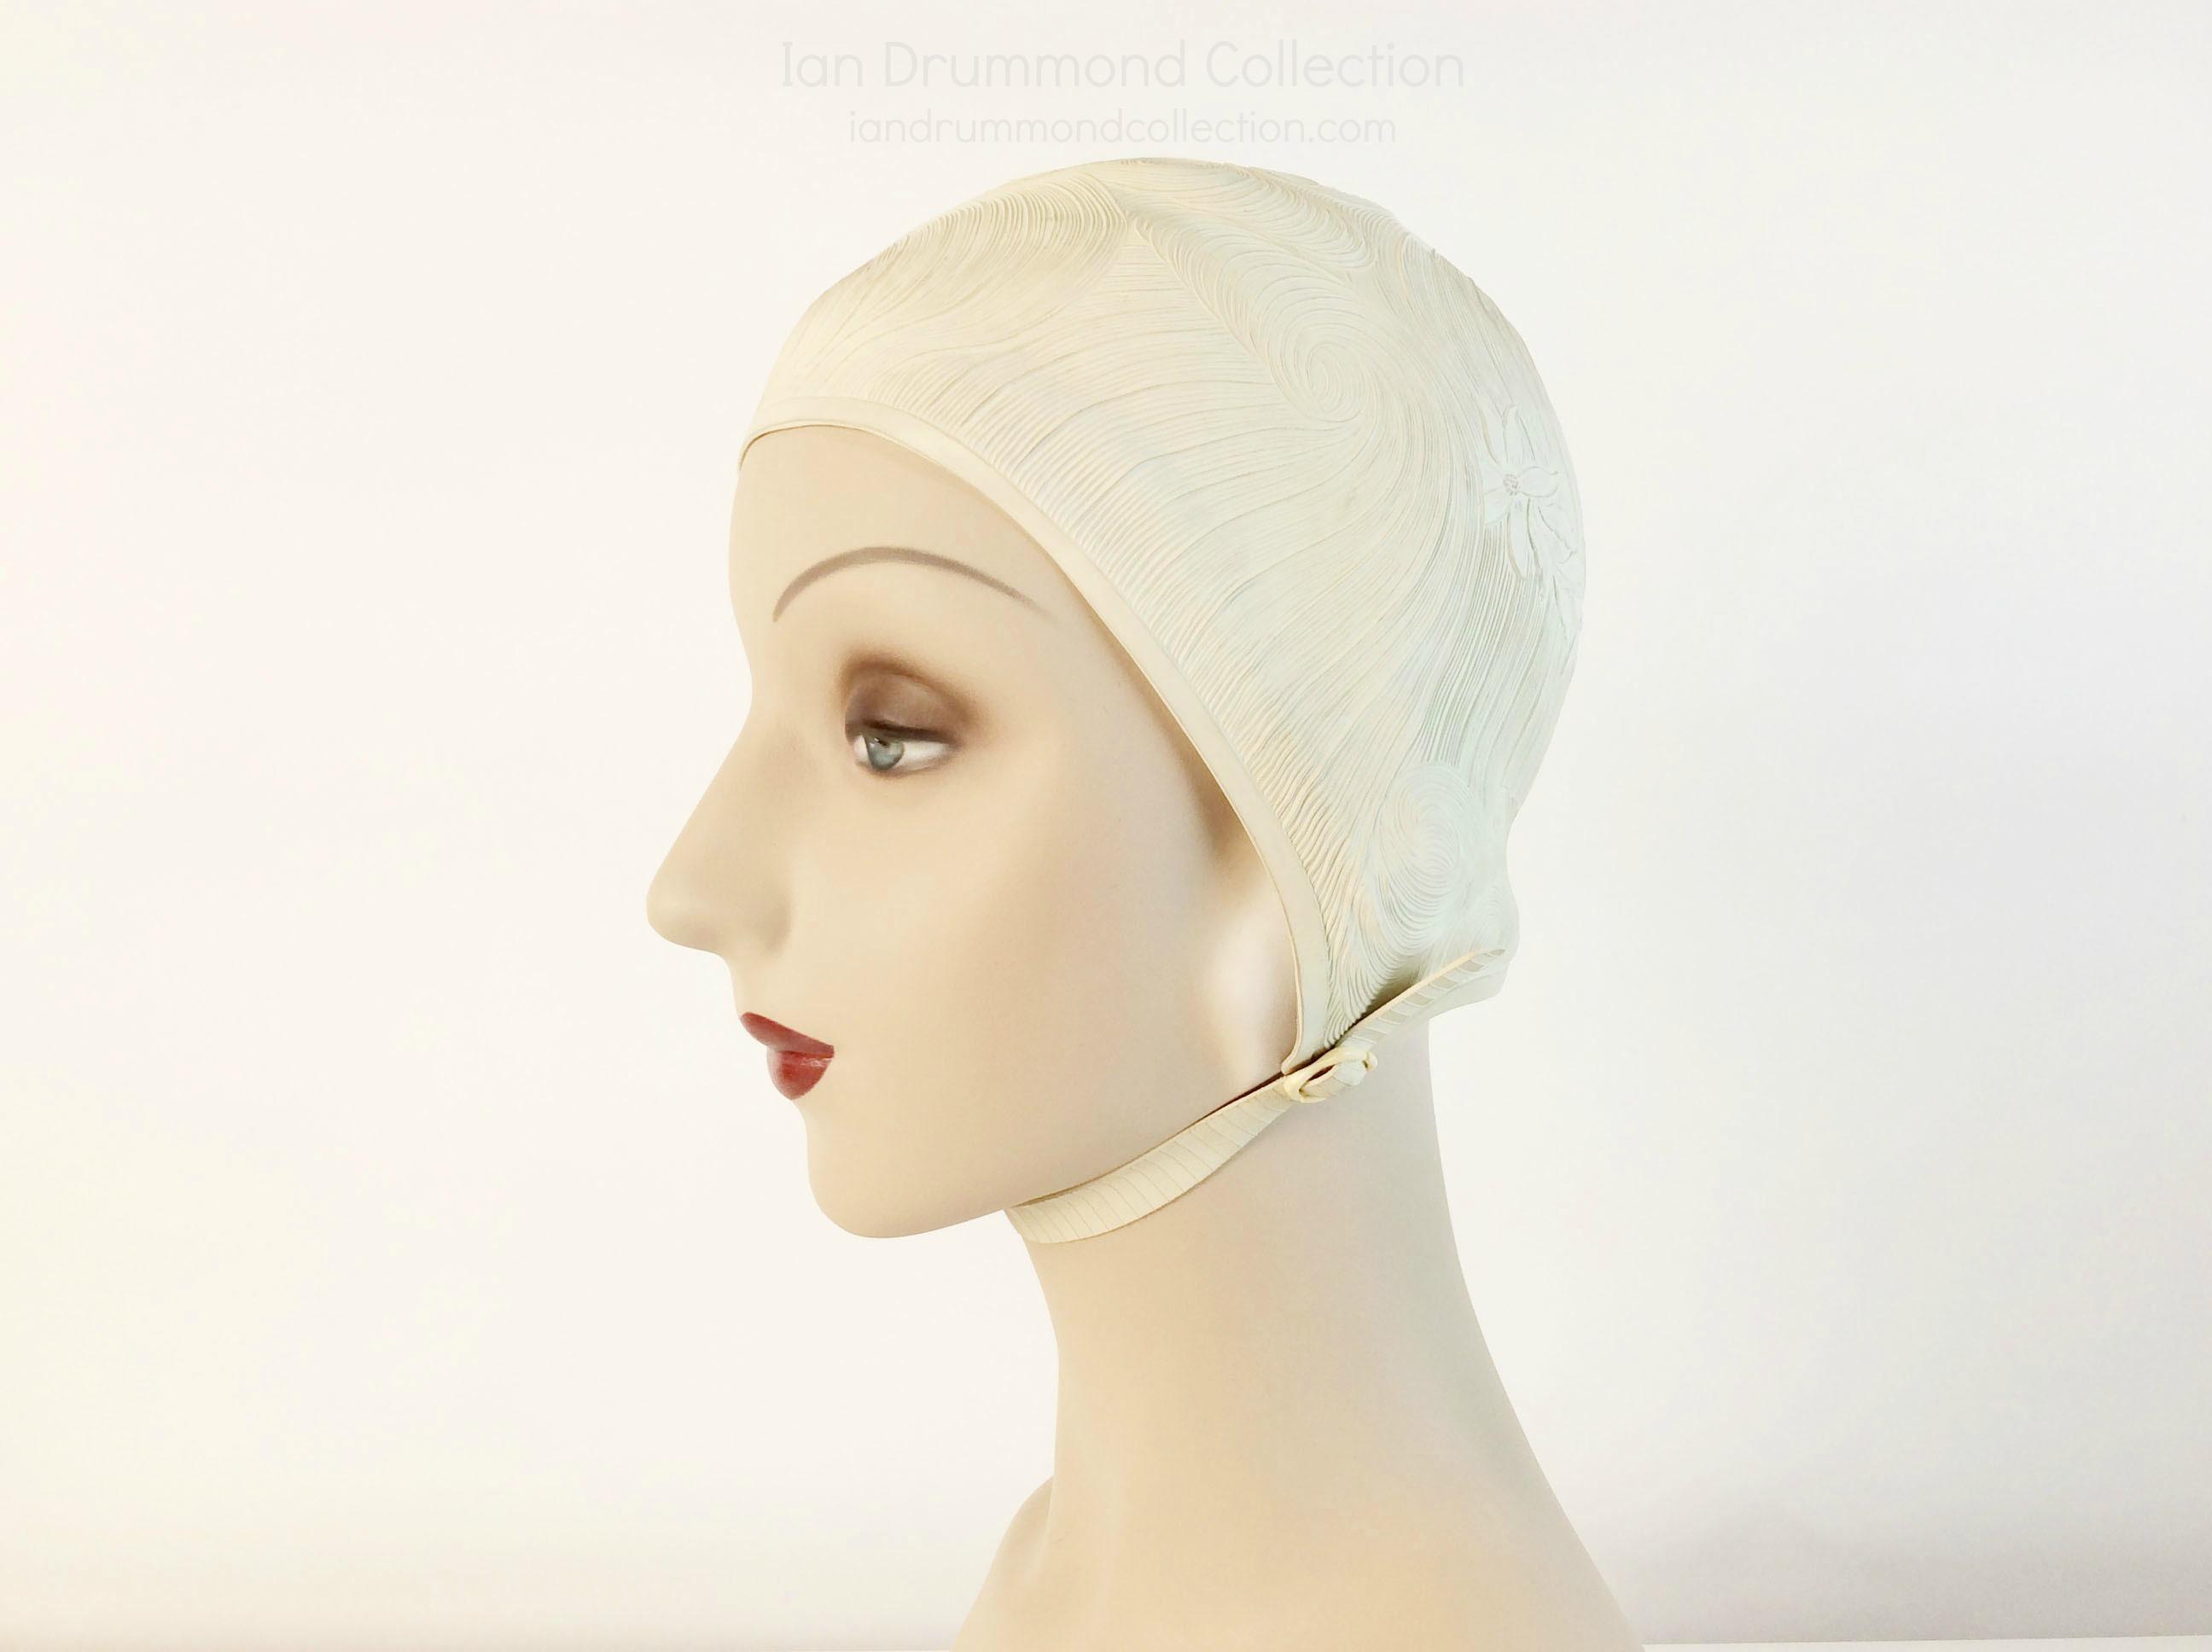 IDC Movie Wardrobe Rental Swim Cap 5 Cream with Wave and Flower Designs